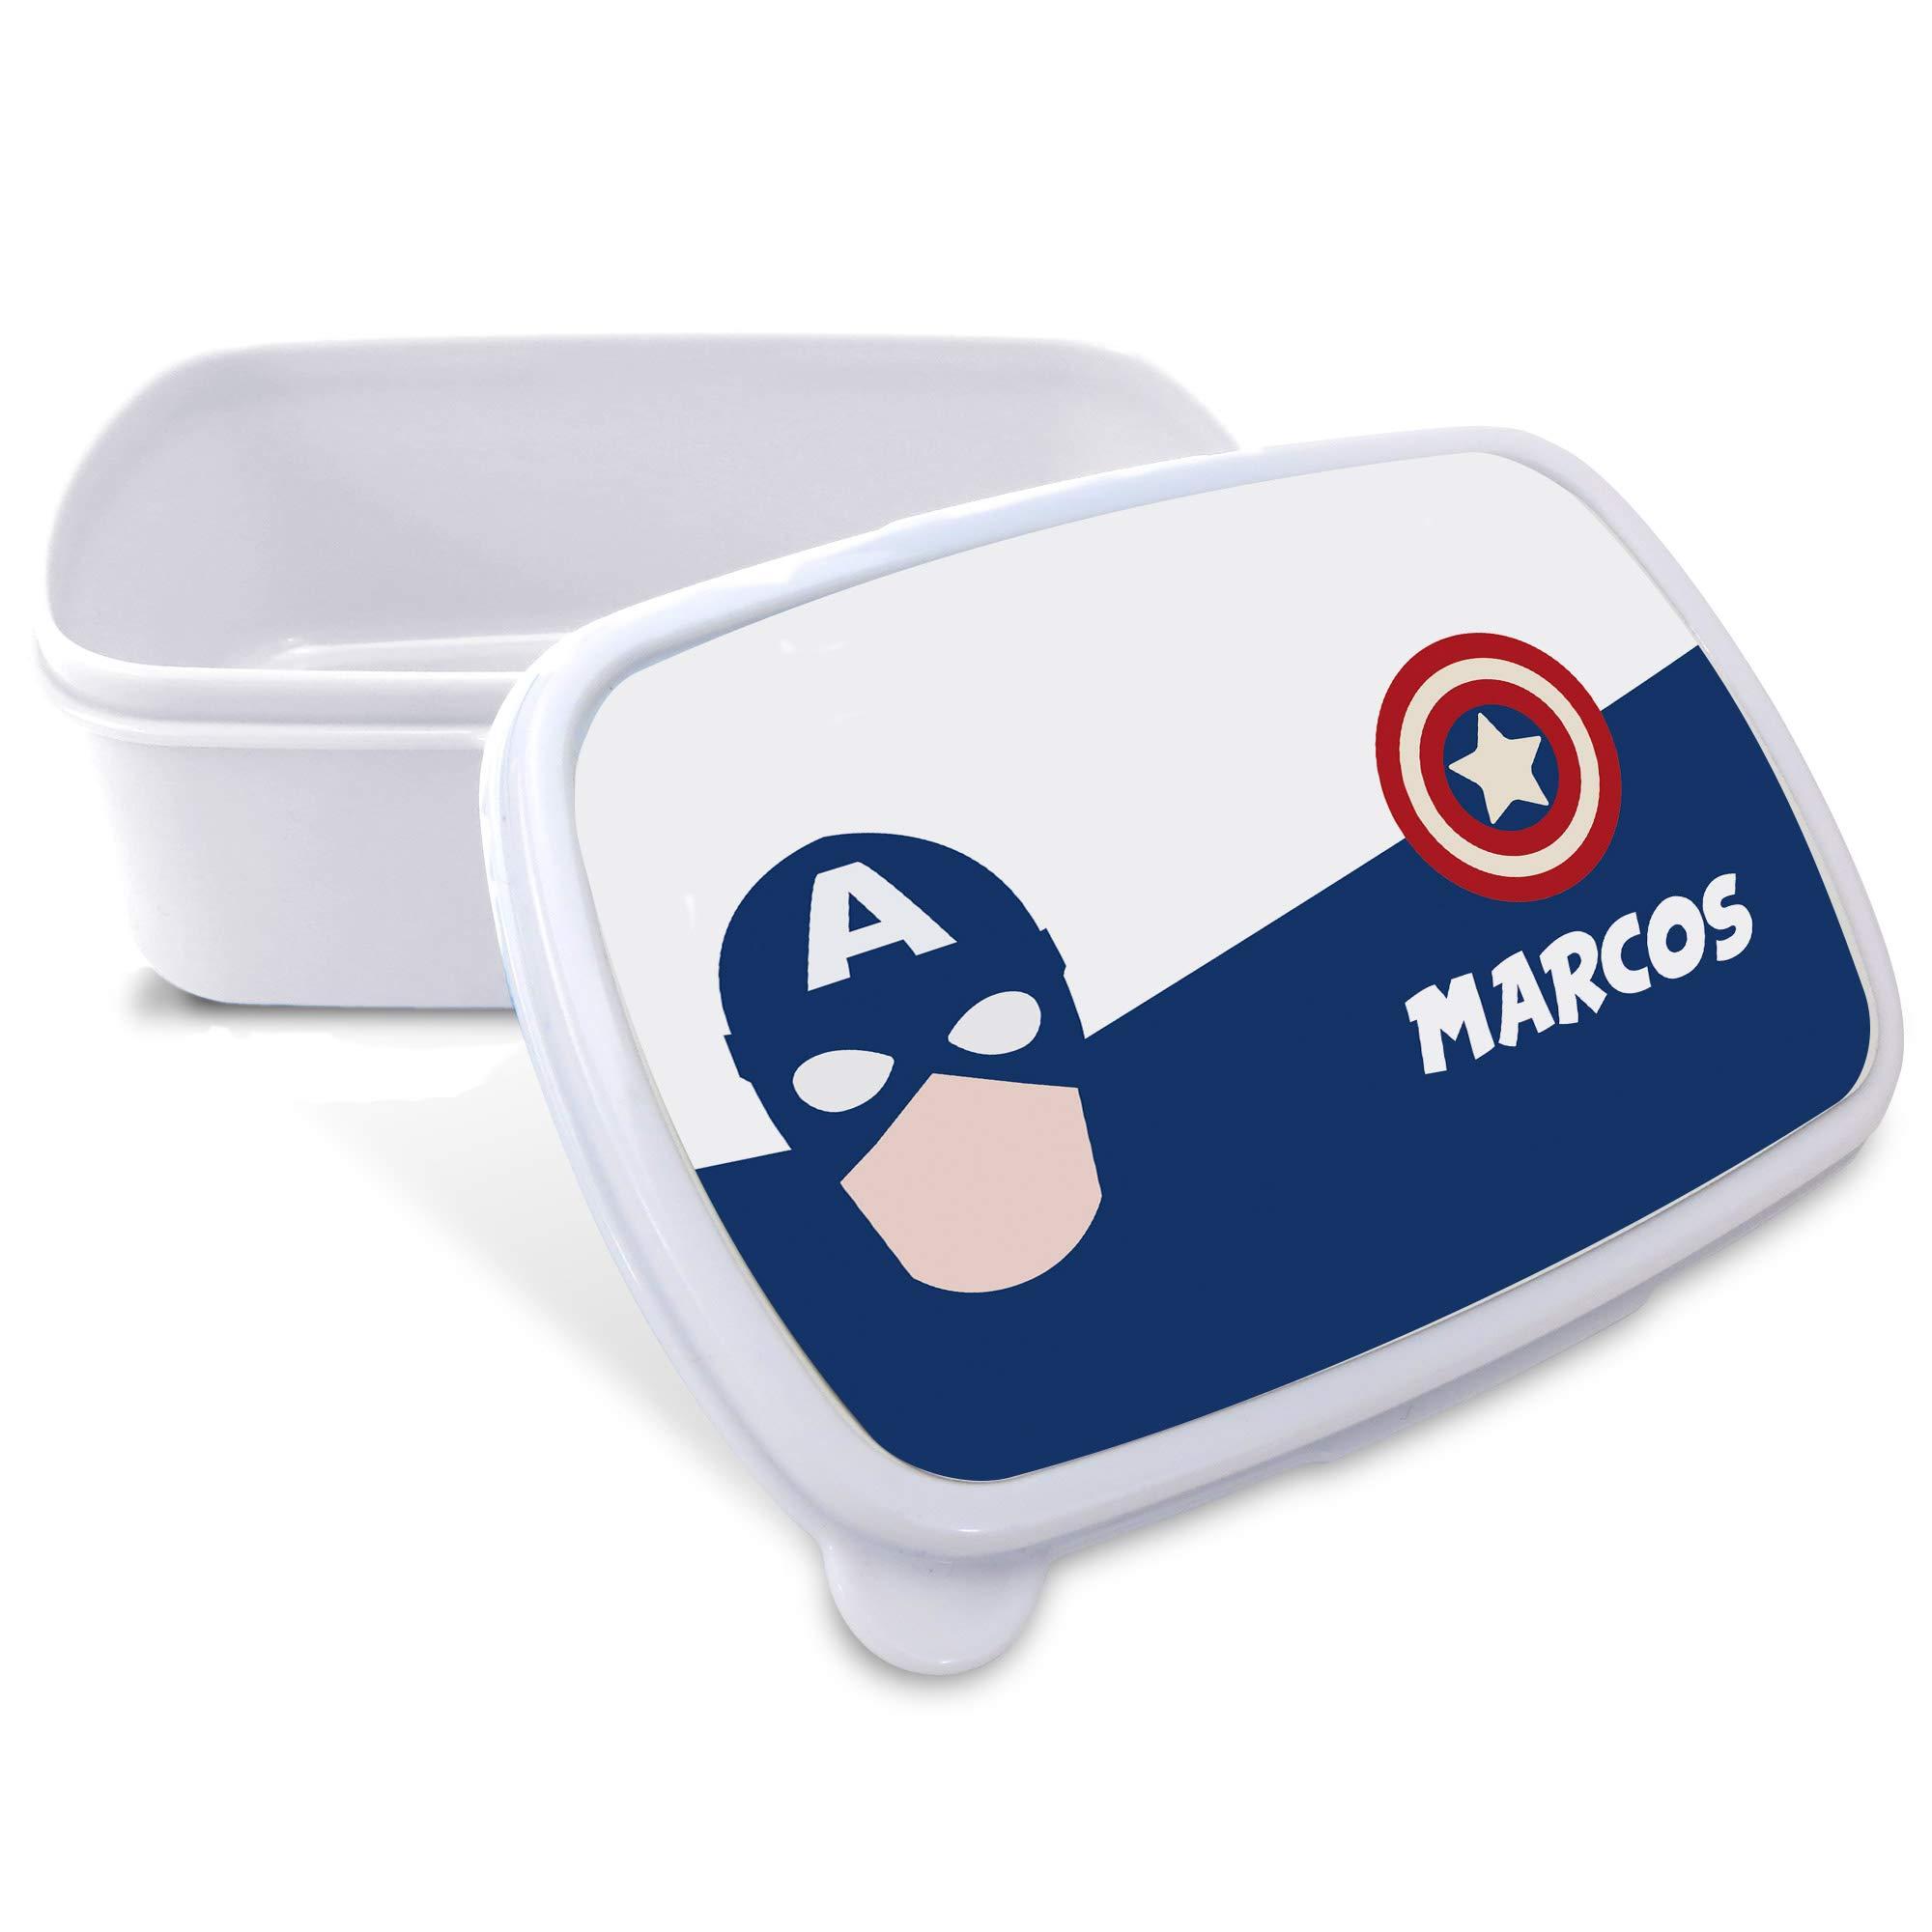 Caja Merienda Superhéroes Personalizada con Nombre. Regalo Friki. Vuelta al Cole. Varios Diseños a Elegir. Capitán América: Amazon.es: Hogar